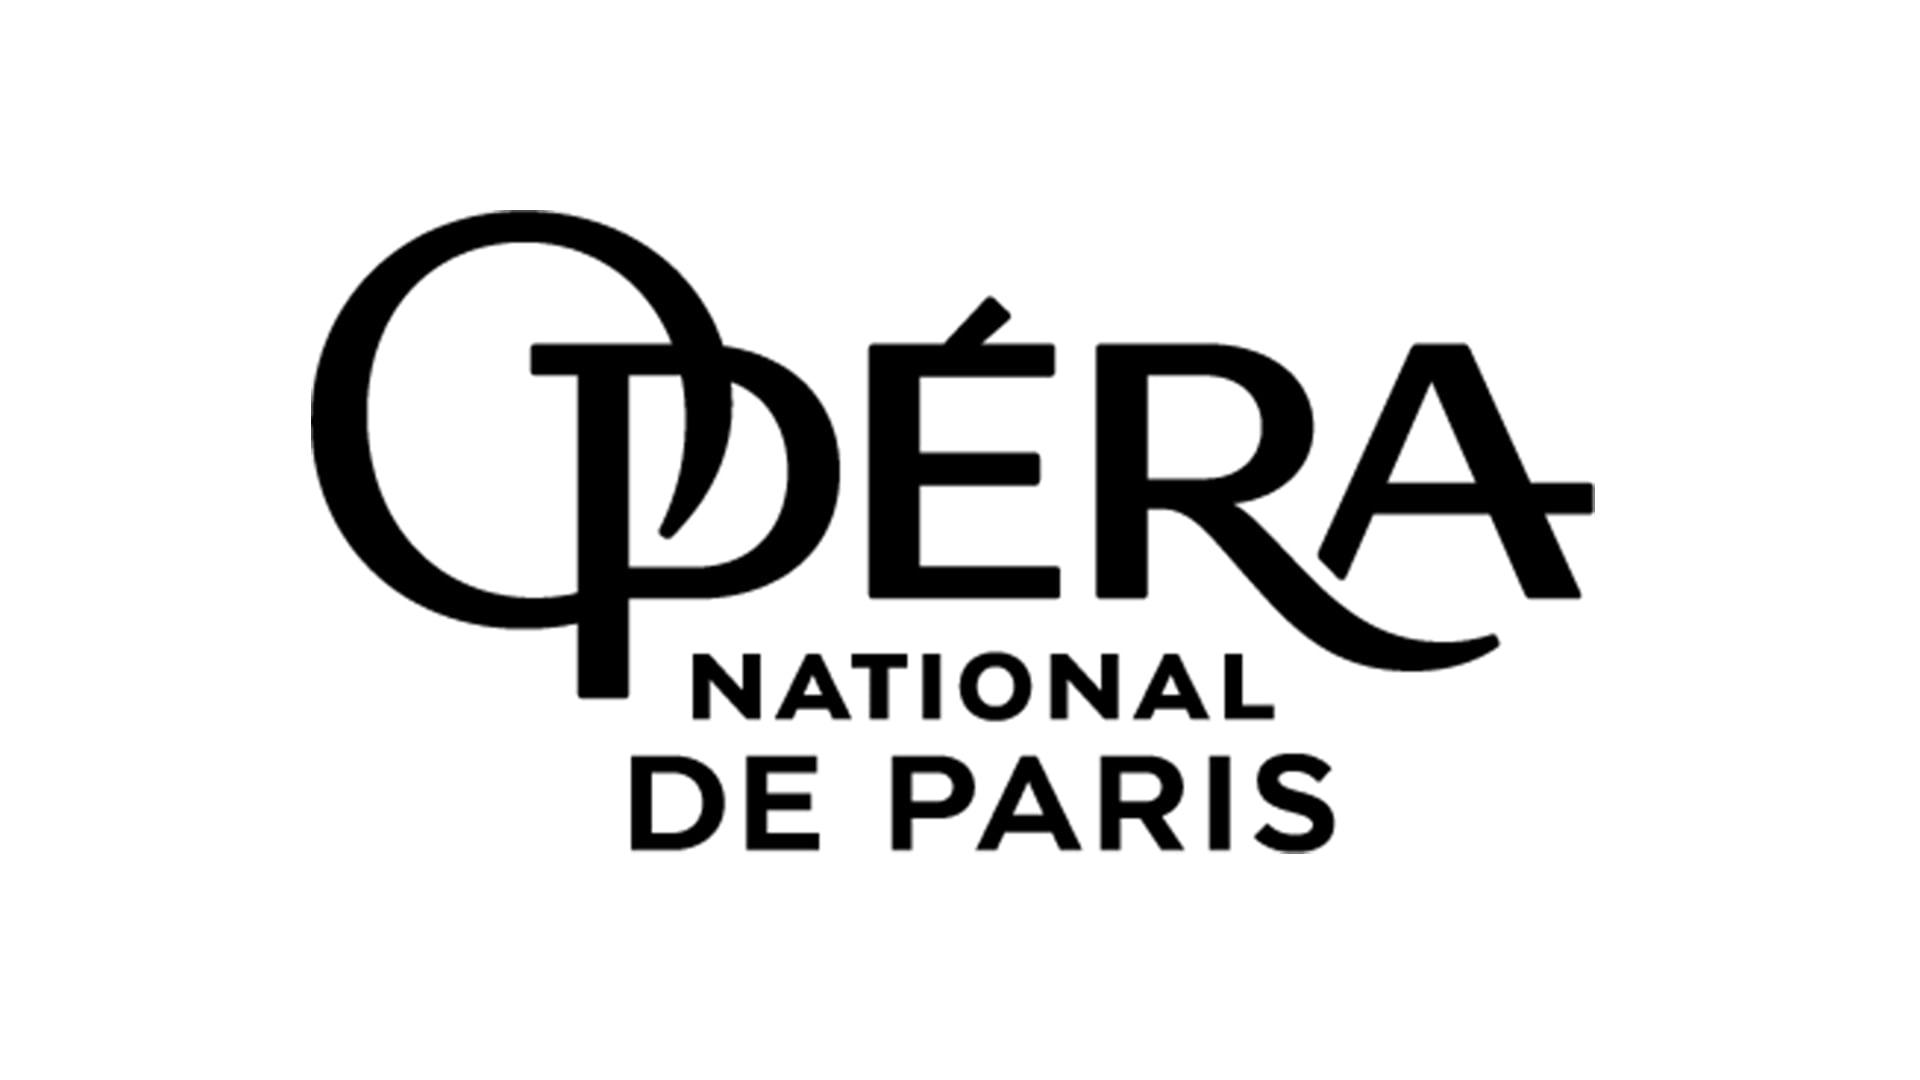 Paryska Opera Narodowa